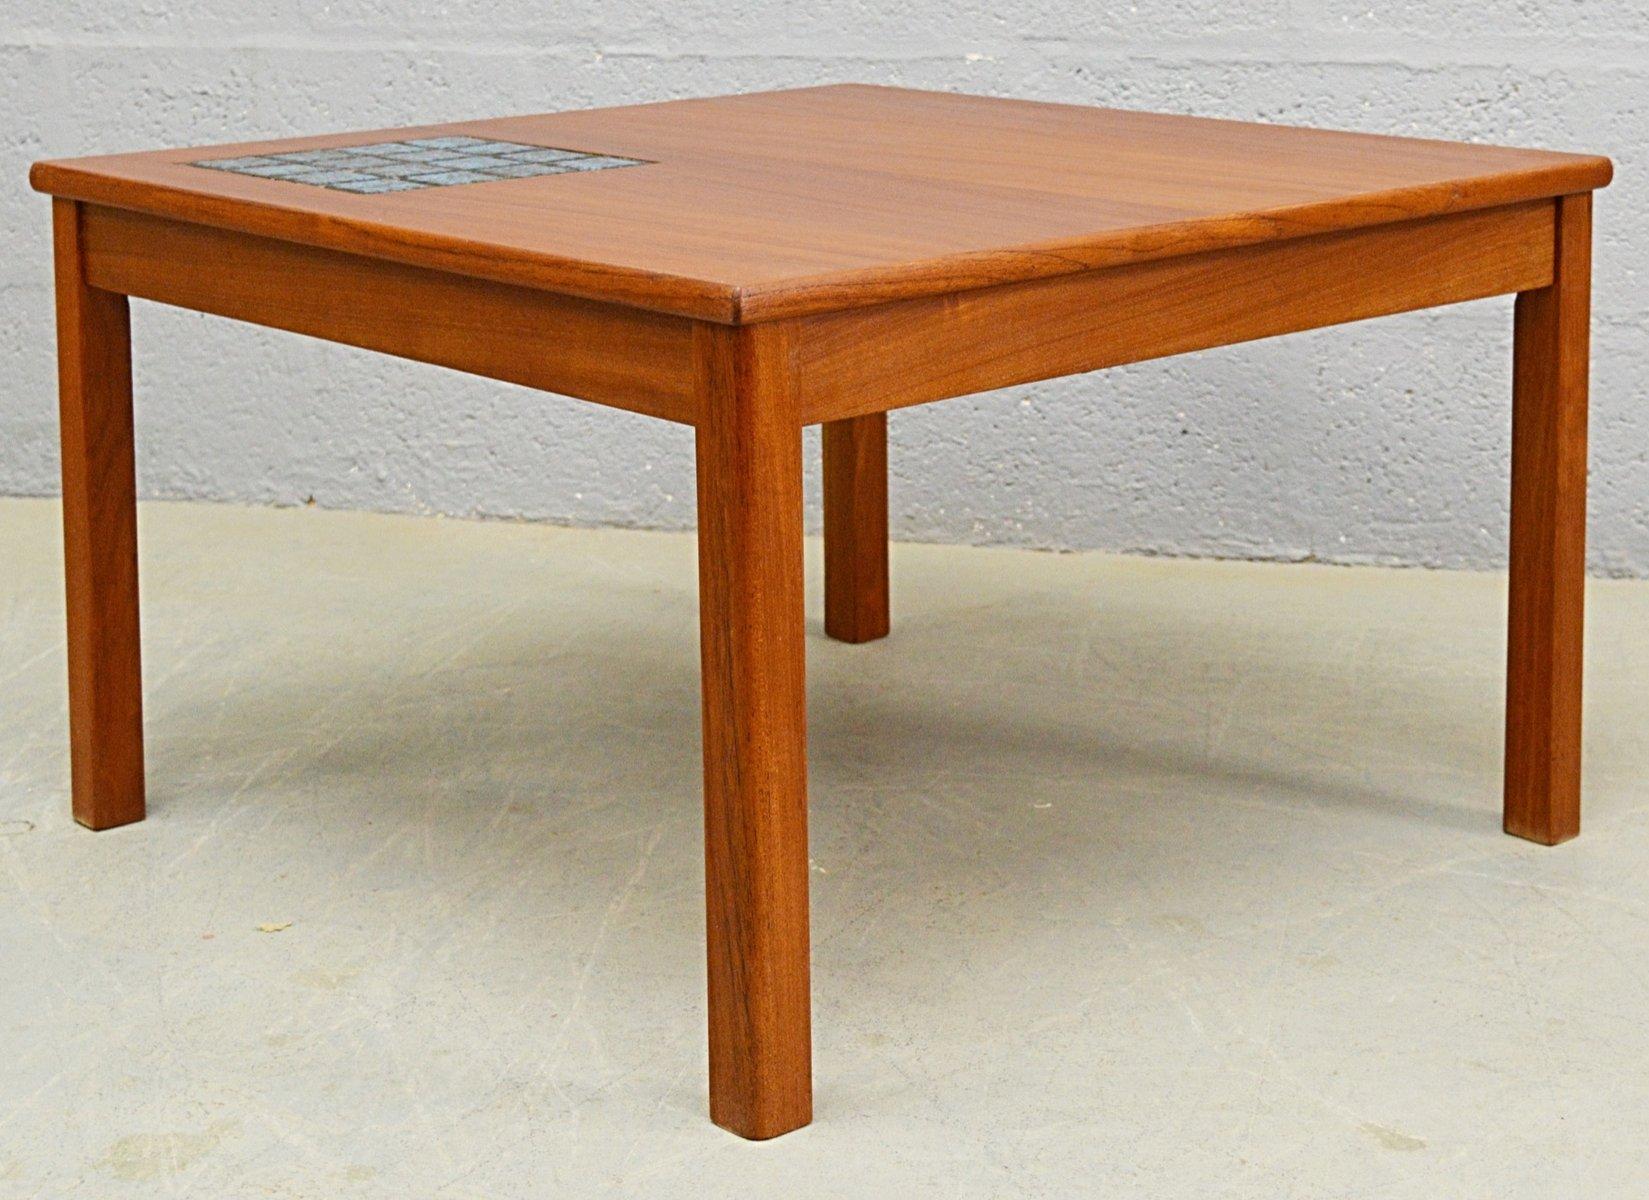 Table basse mid century en teck avec carreaux bleux 1960s - Table basse en teck ...